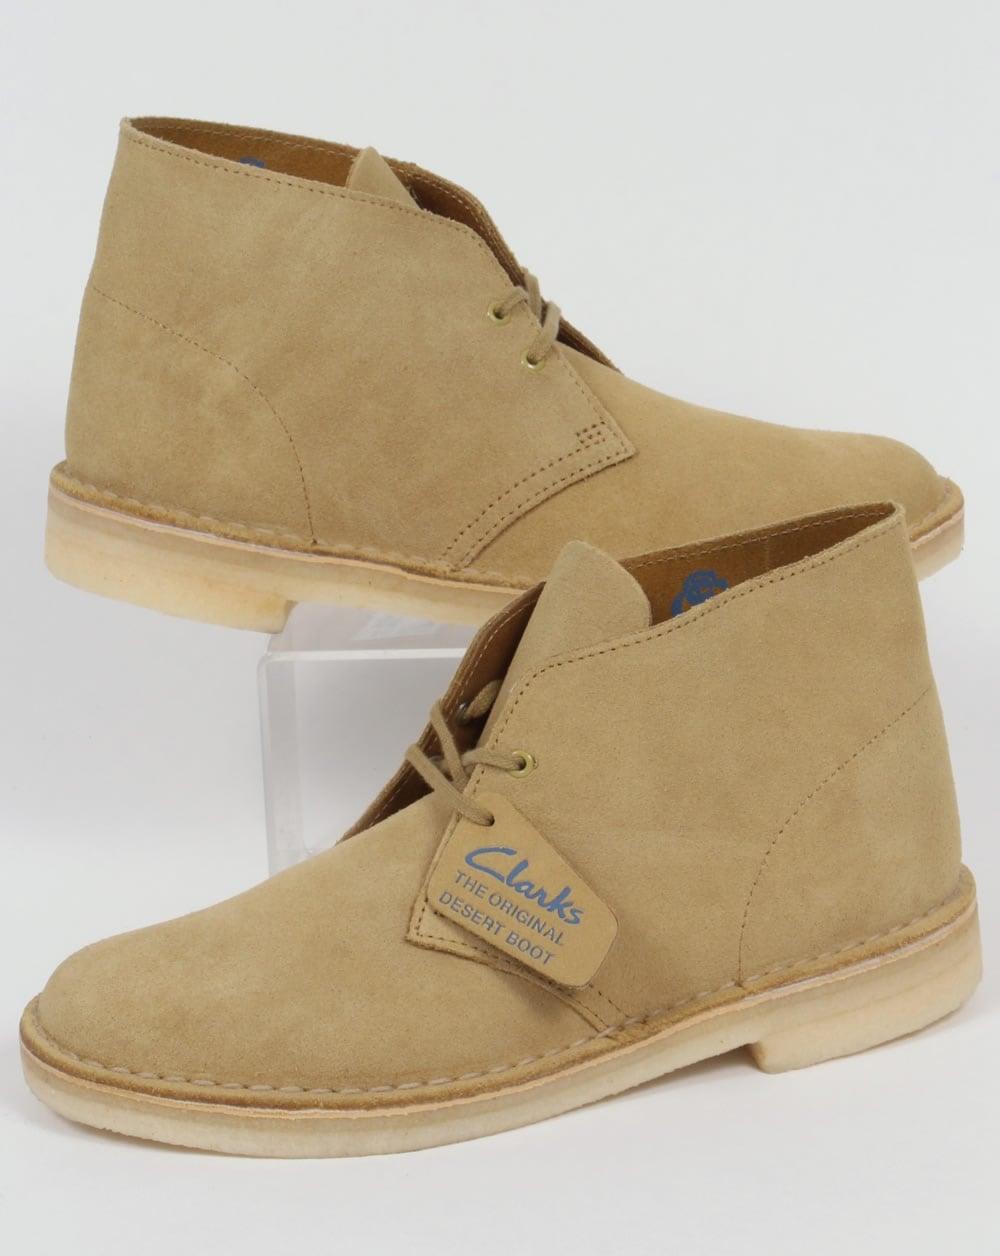 258f92b870041f Clarks Originals Clarks Originals Desert Boot Maple Suede